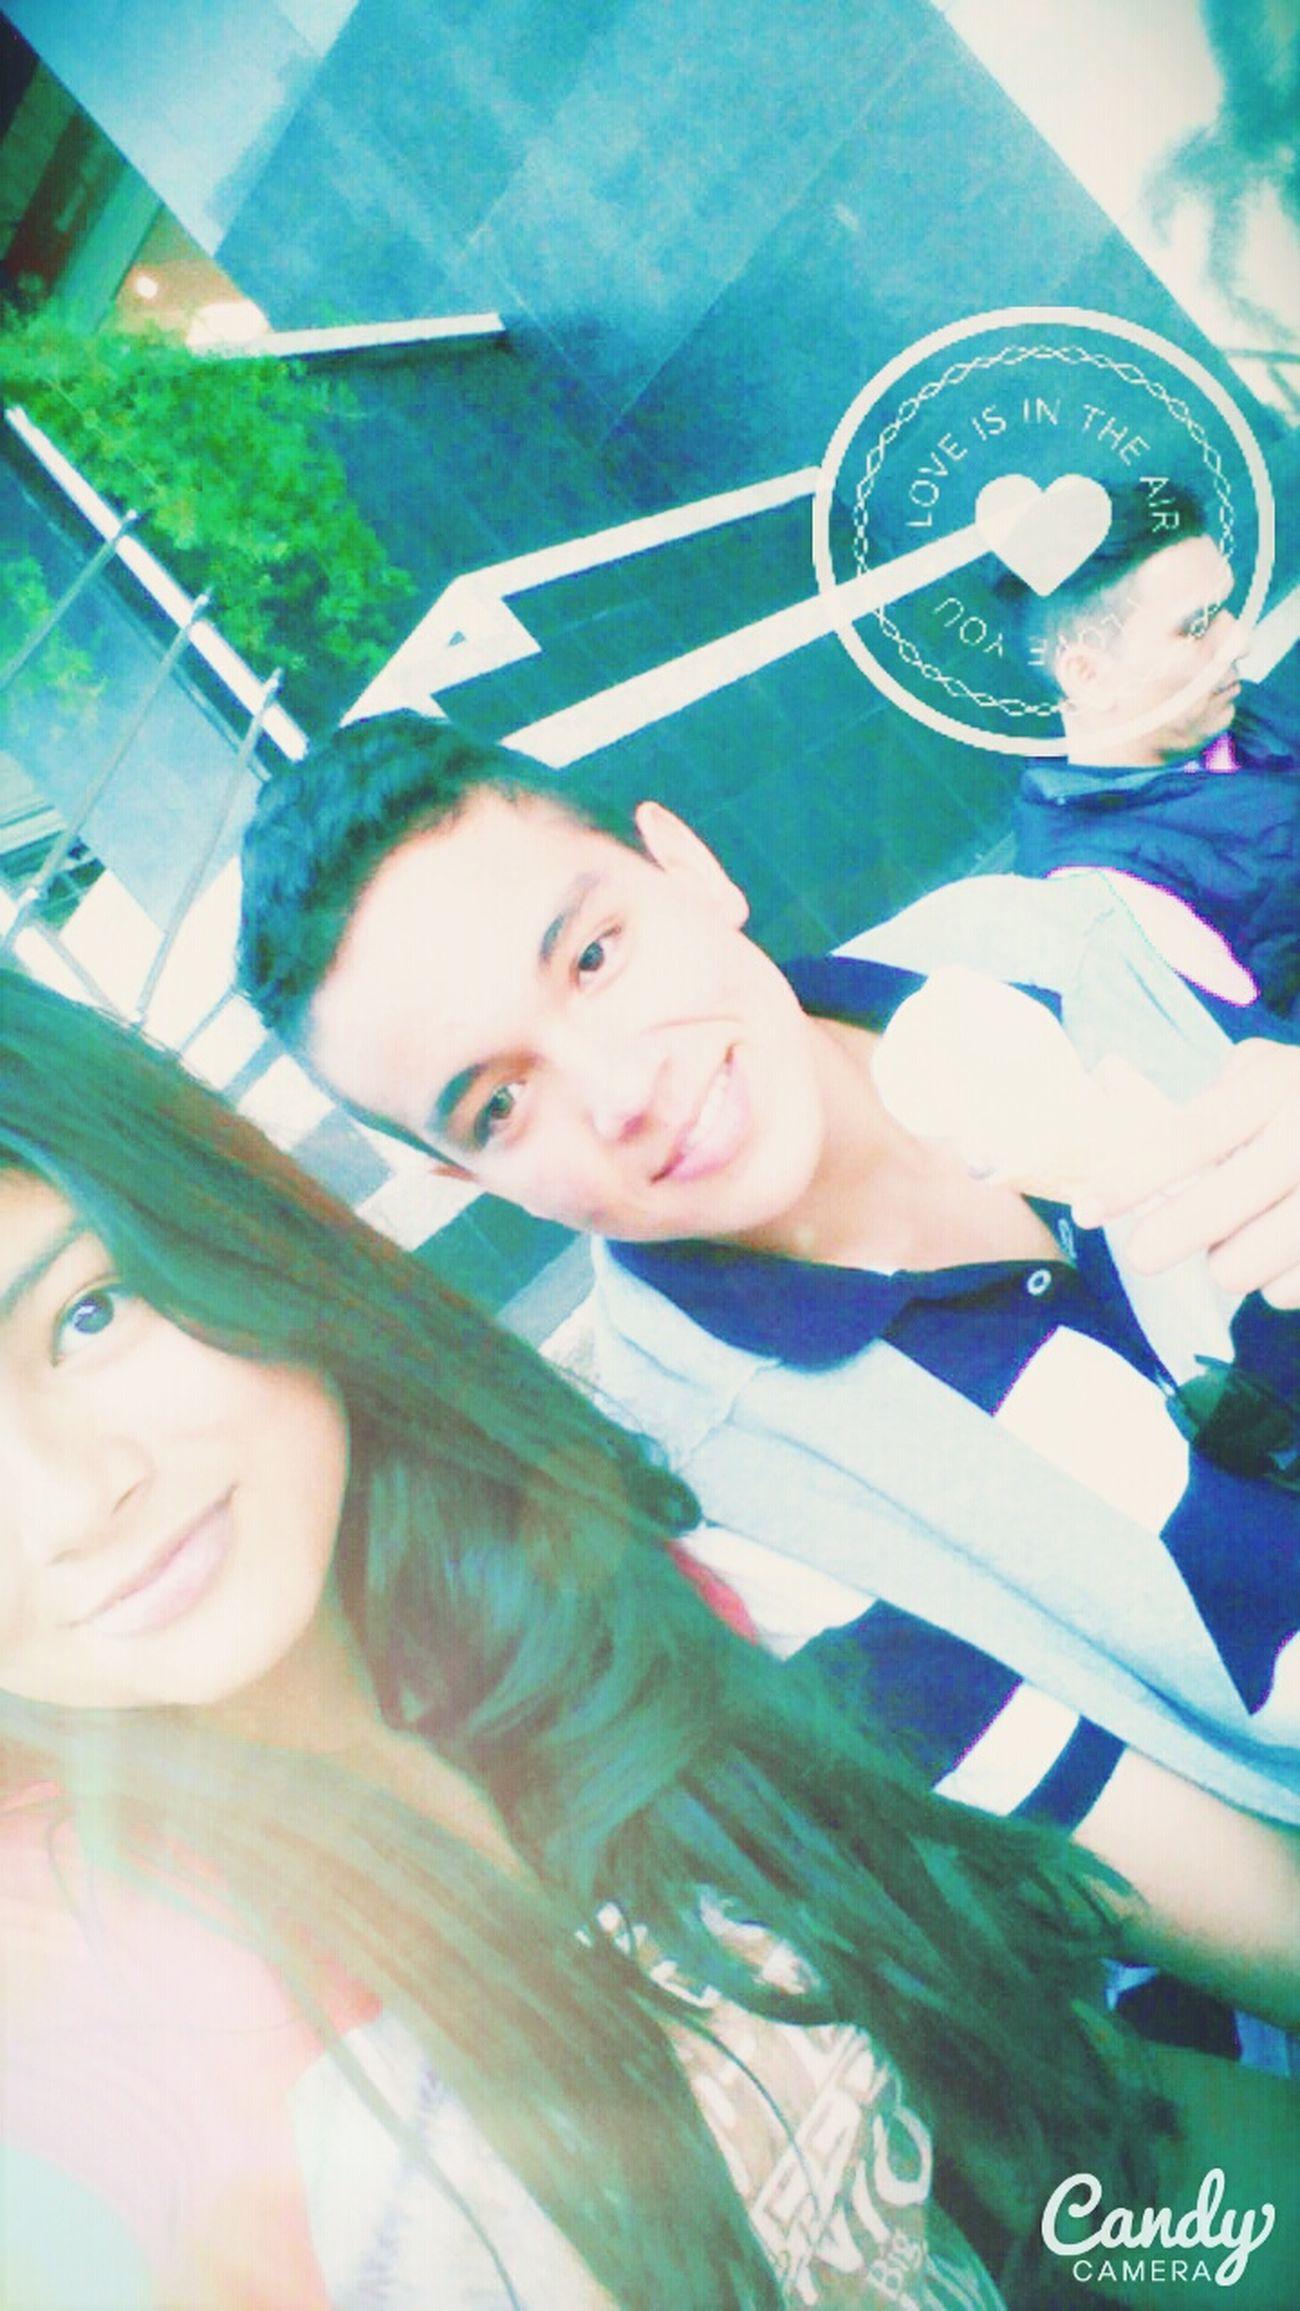 Sister!!!